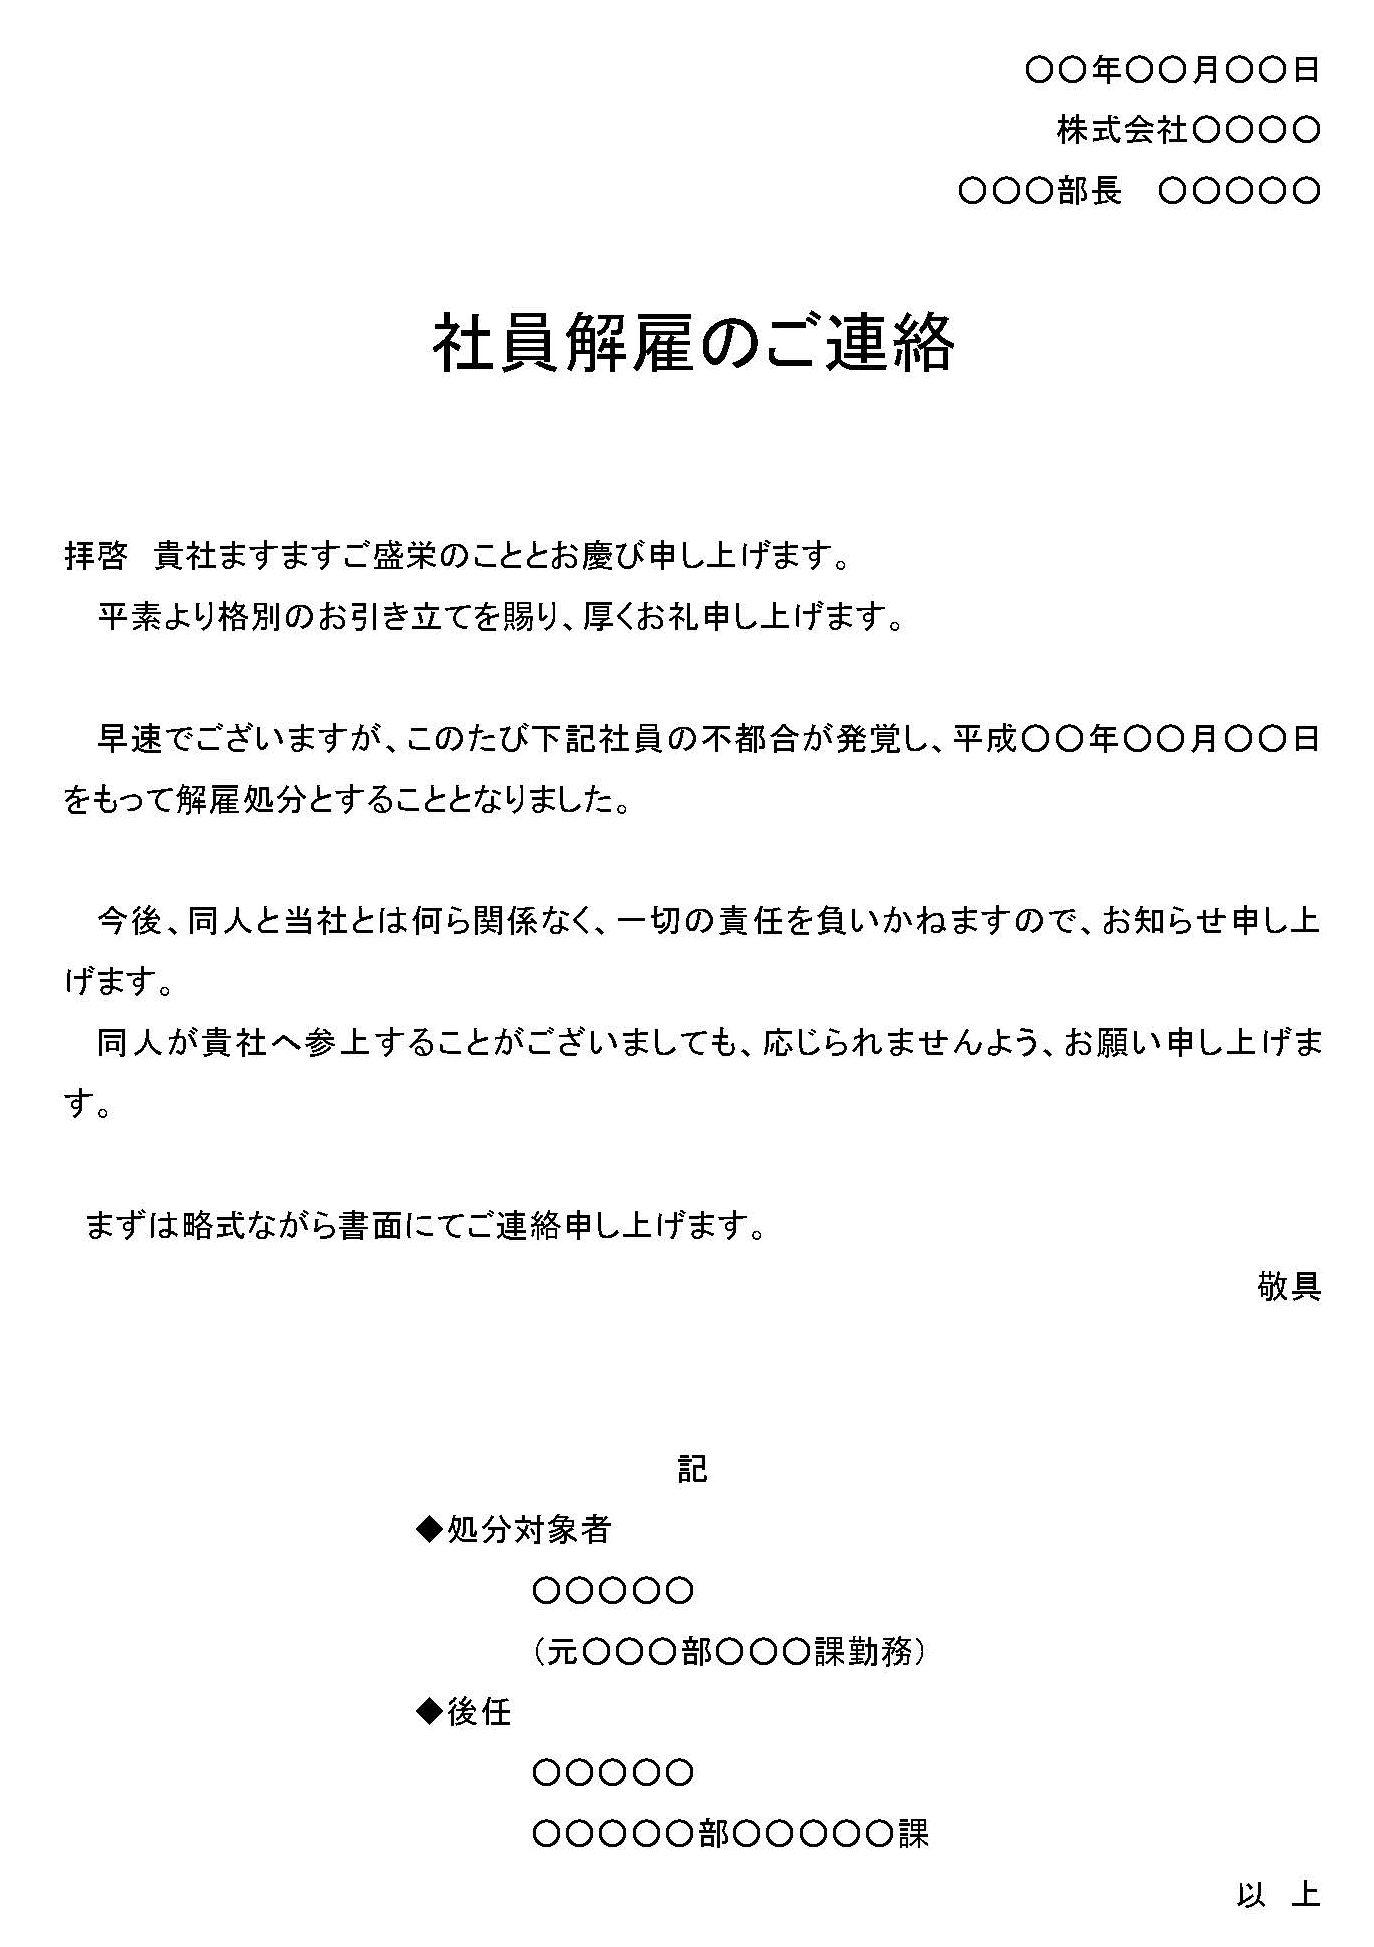 通知(社員解雇)04